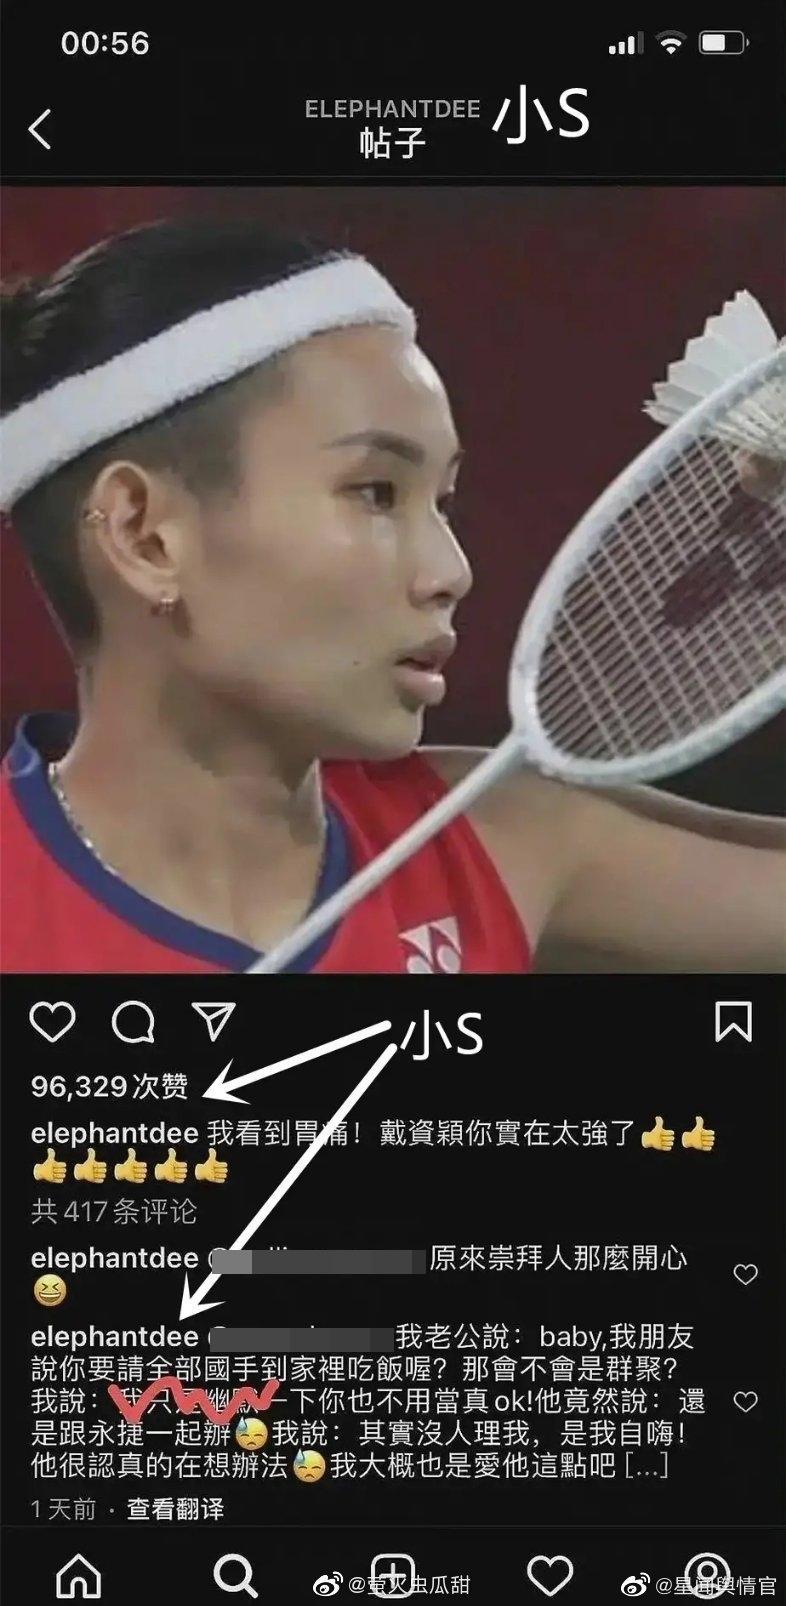 小S的貼文被中國網友揪出,她留言提到想邀請「國手」到家裡吃飯。(翻攝自微博)